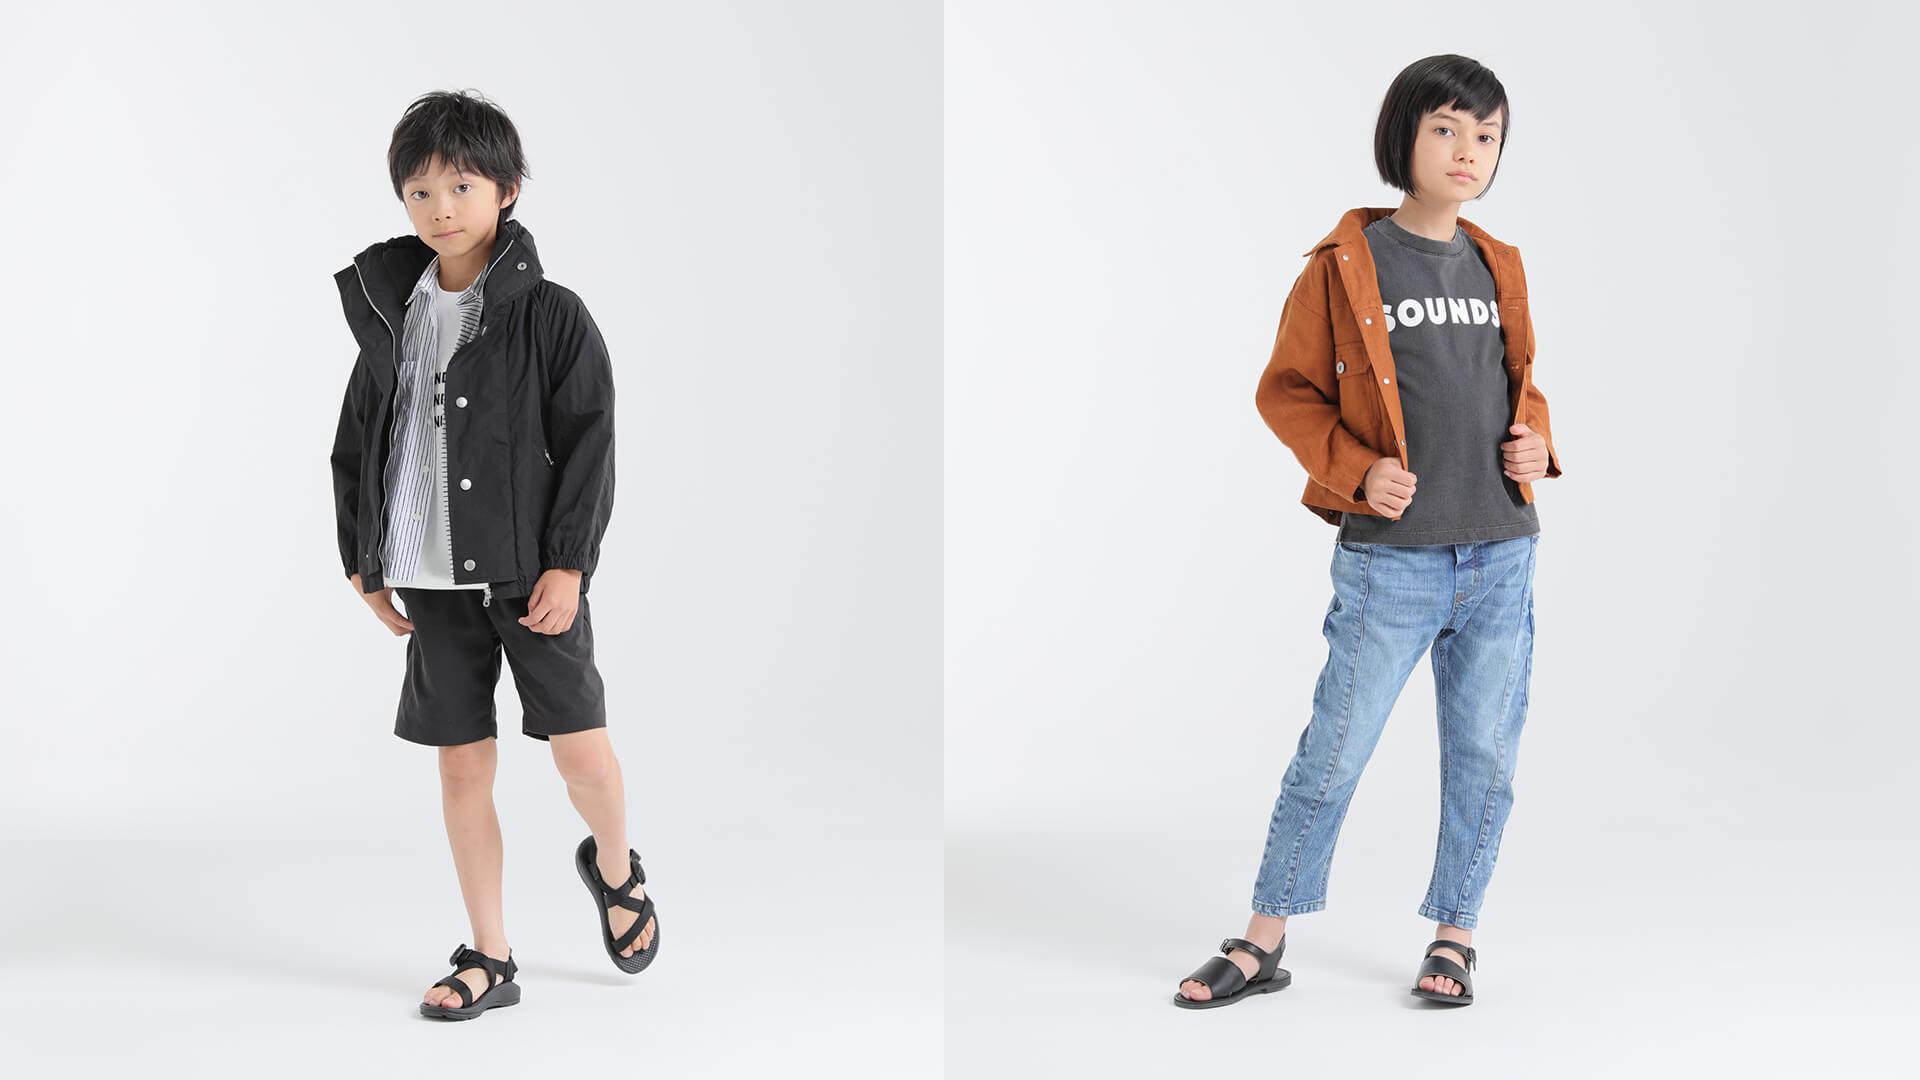 子供から大人まで、マルチサイズで楽しめる洋服【ディストリビューター】のカバー写真